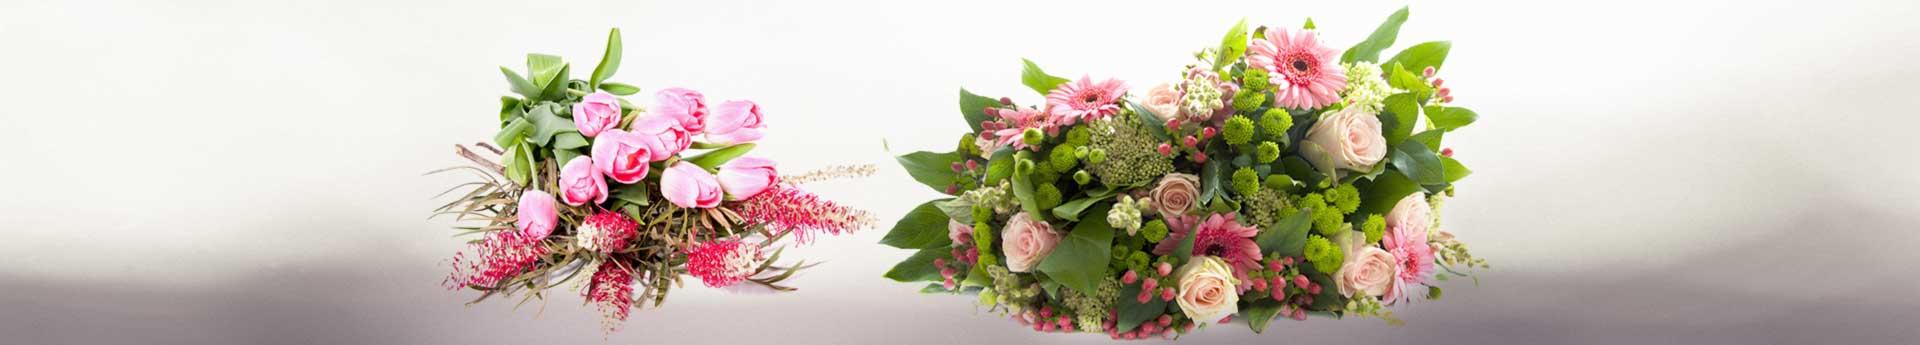 bg-10-flowers